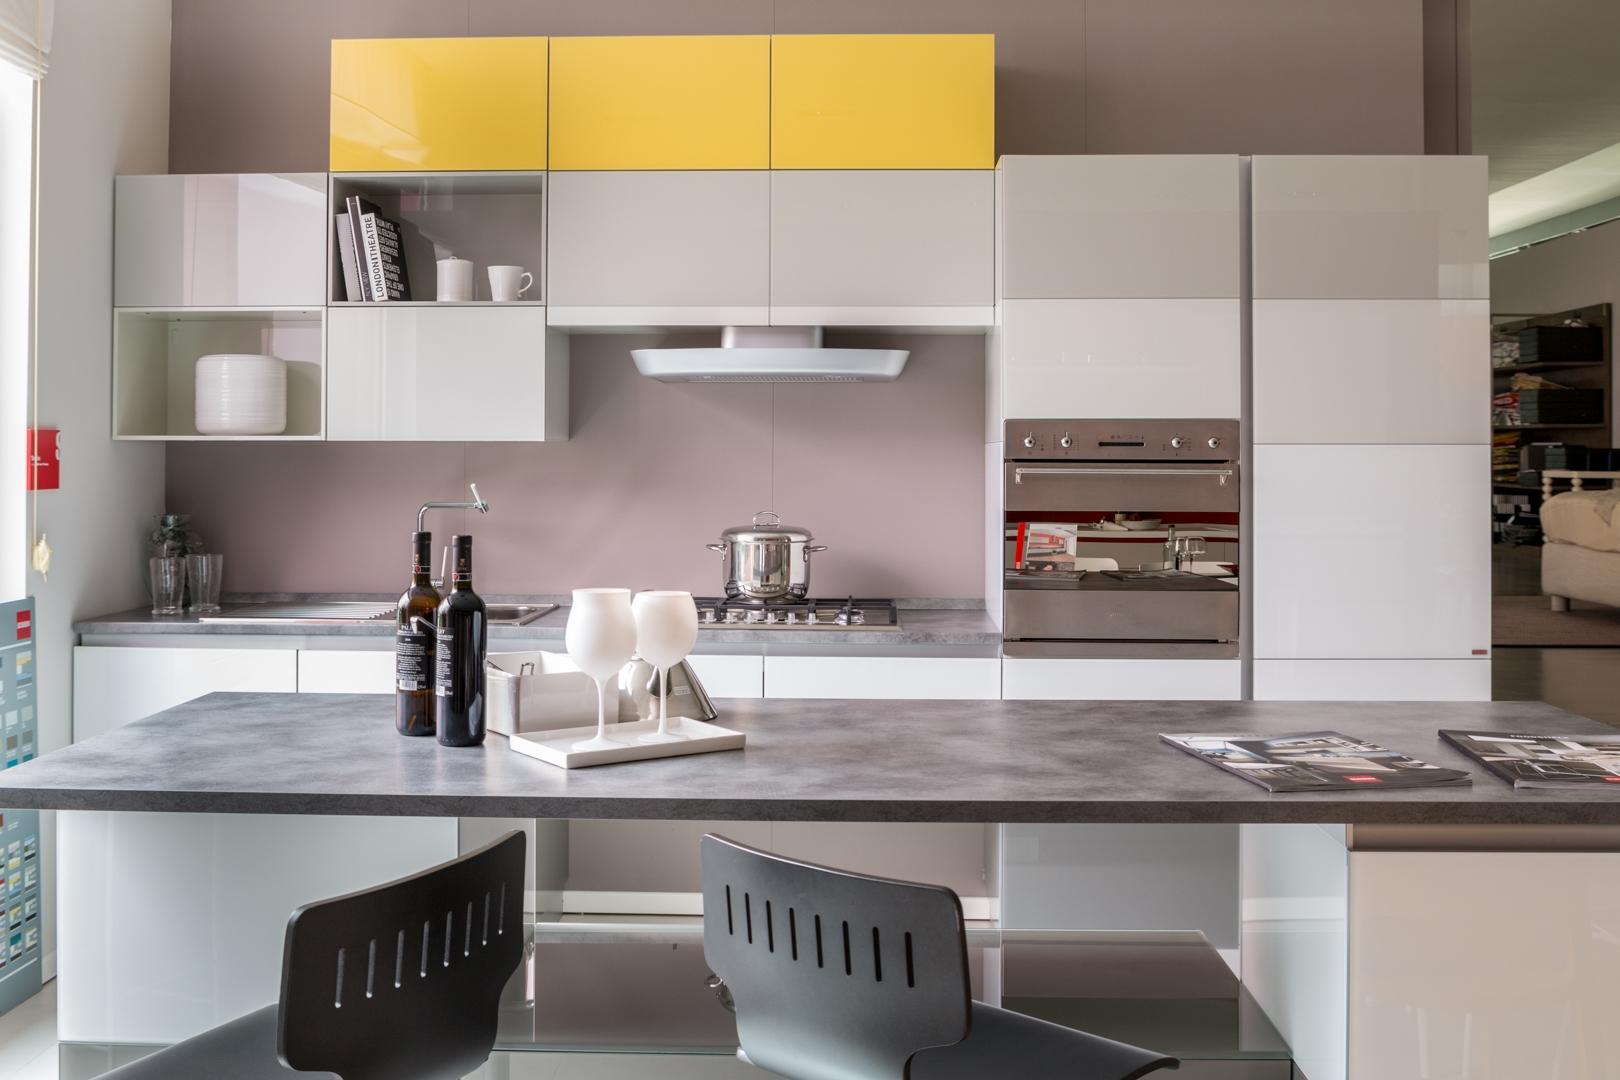 Cucina con isola scavolini modello tetrix scontata del 55 cucine a prezzi scontati - Cucine con isole ...